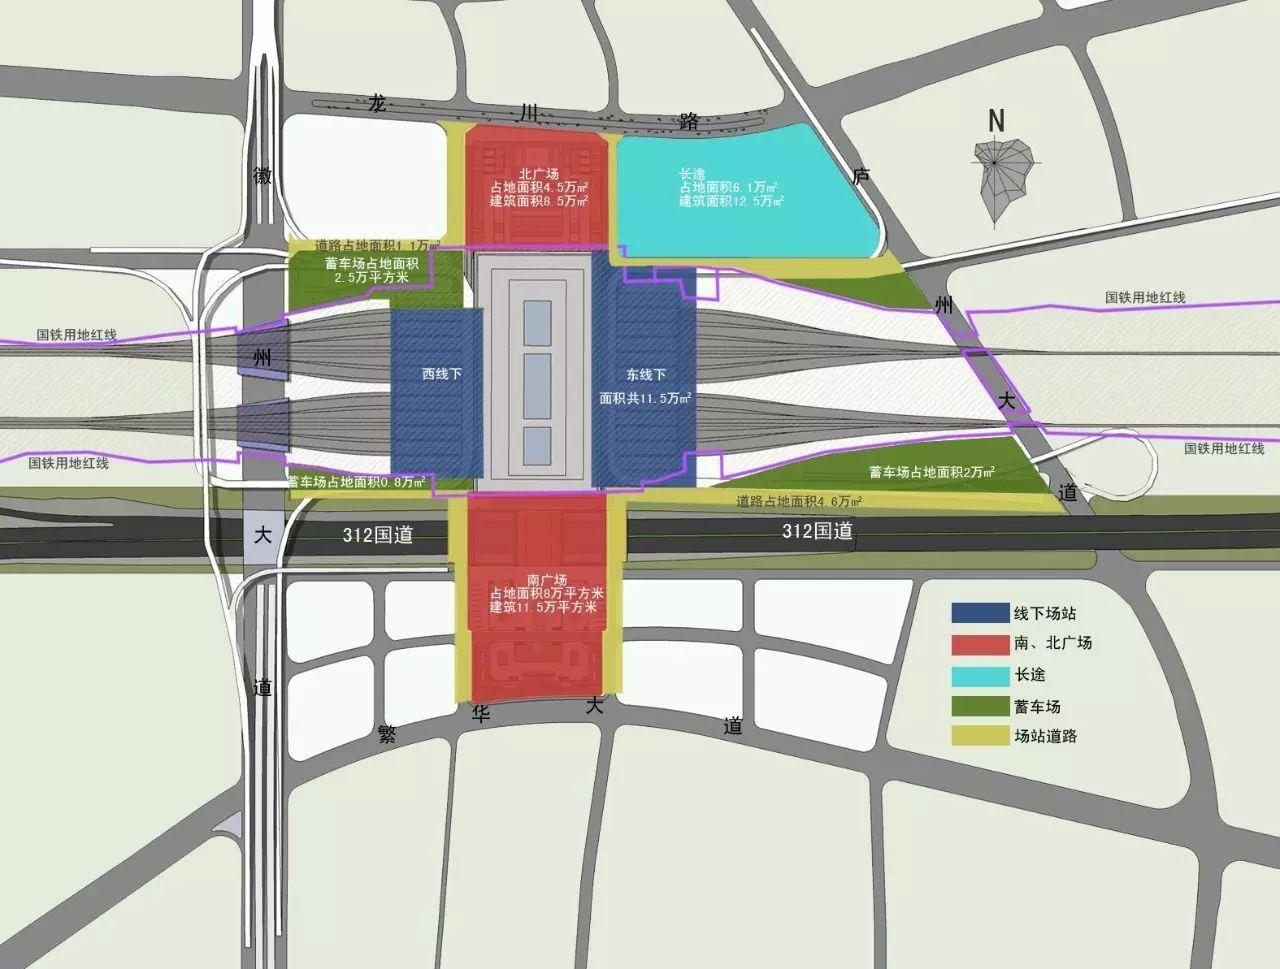 萧山机场至杭州南站_合肥将建8处通用机场 坐高铁1小时可通达全省省辖市